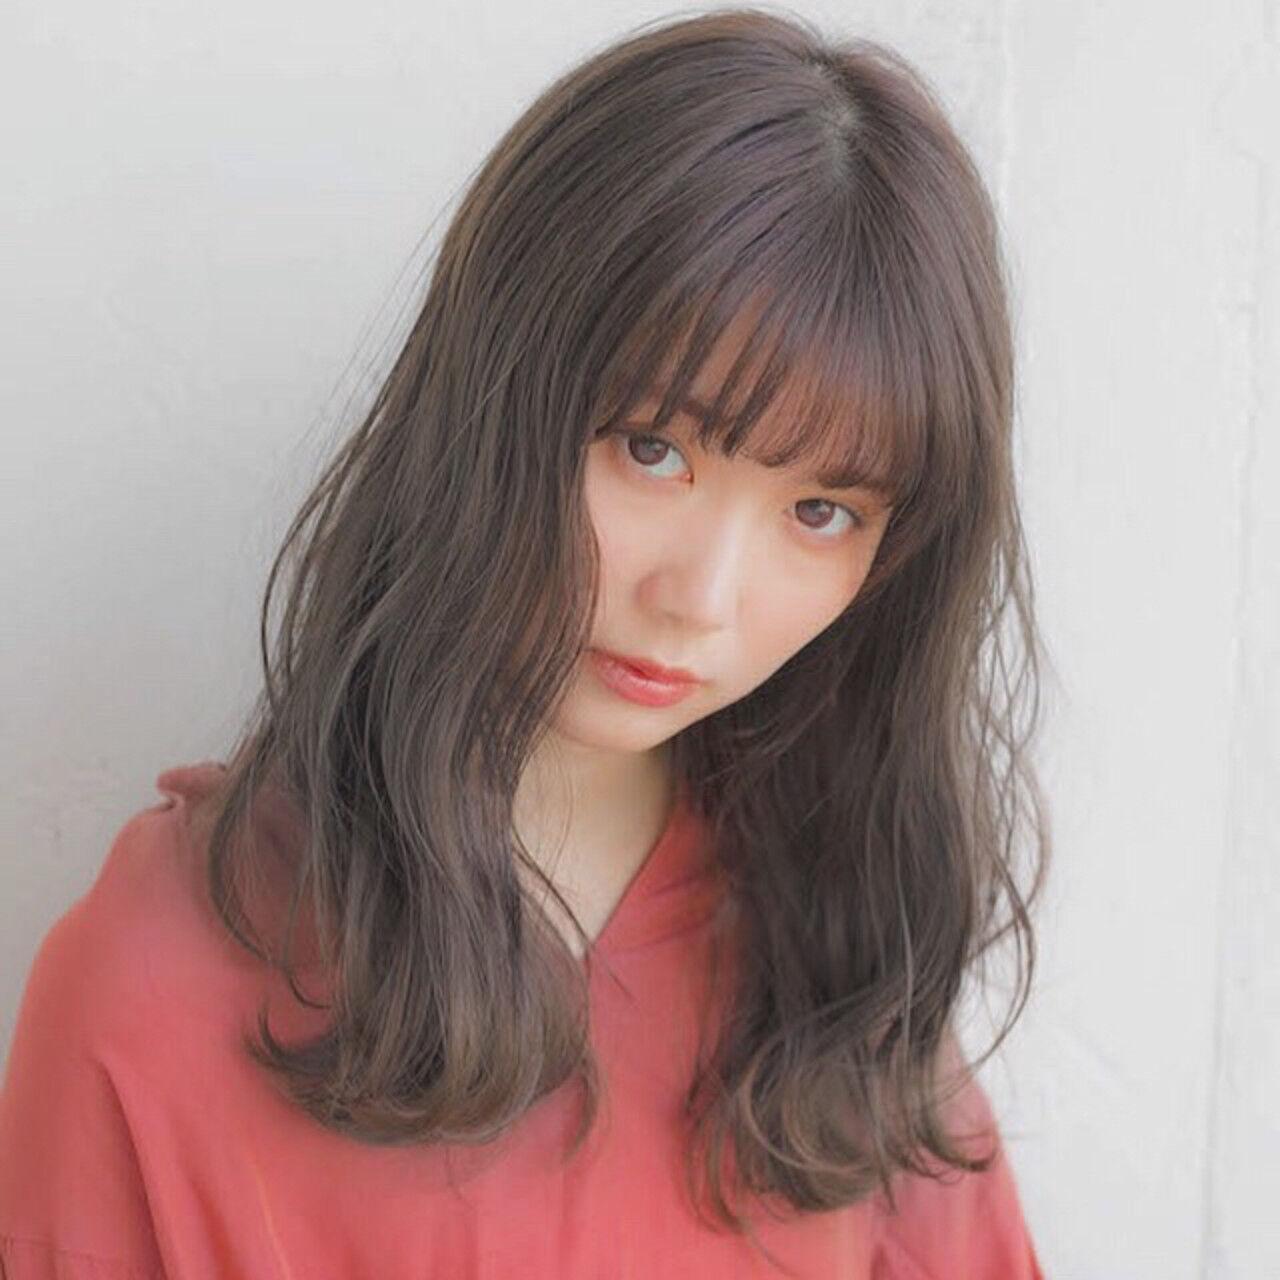 アンニュイほつれヘア パーマ 大人かわいい セミロングヘアスタイルや髪型の写真・画像